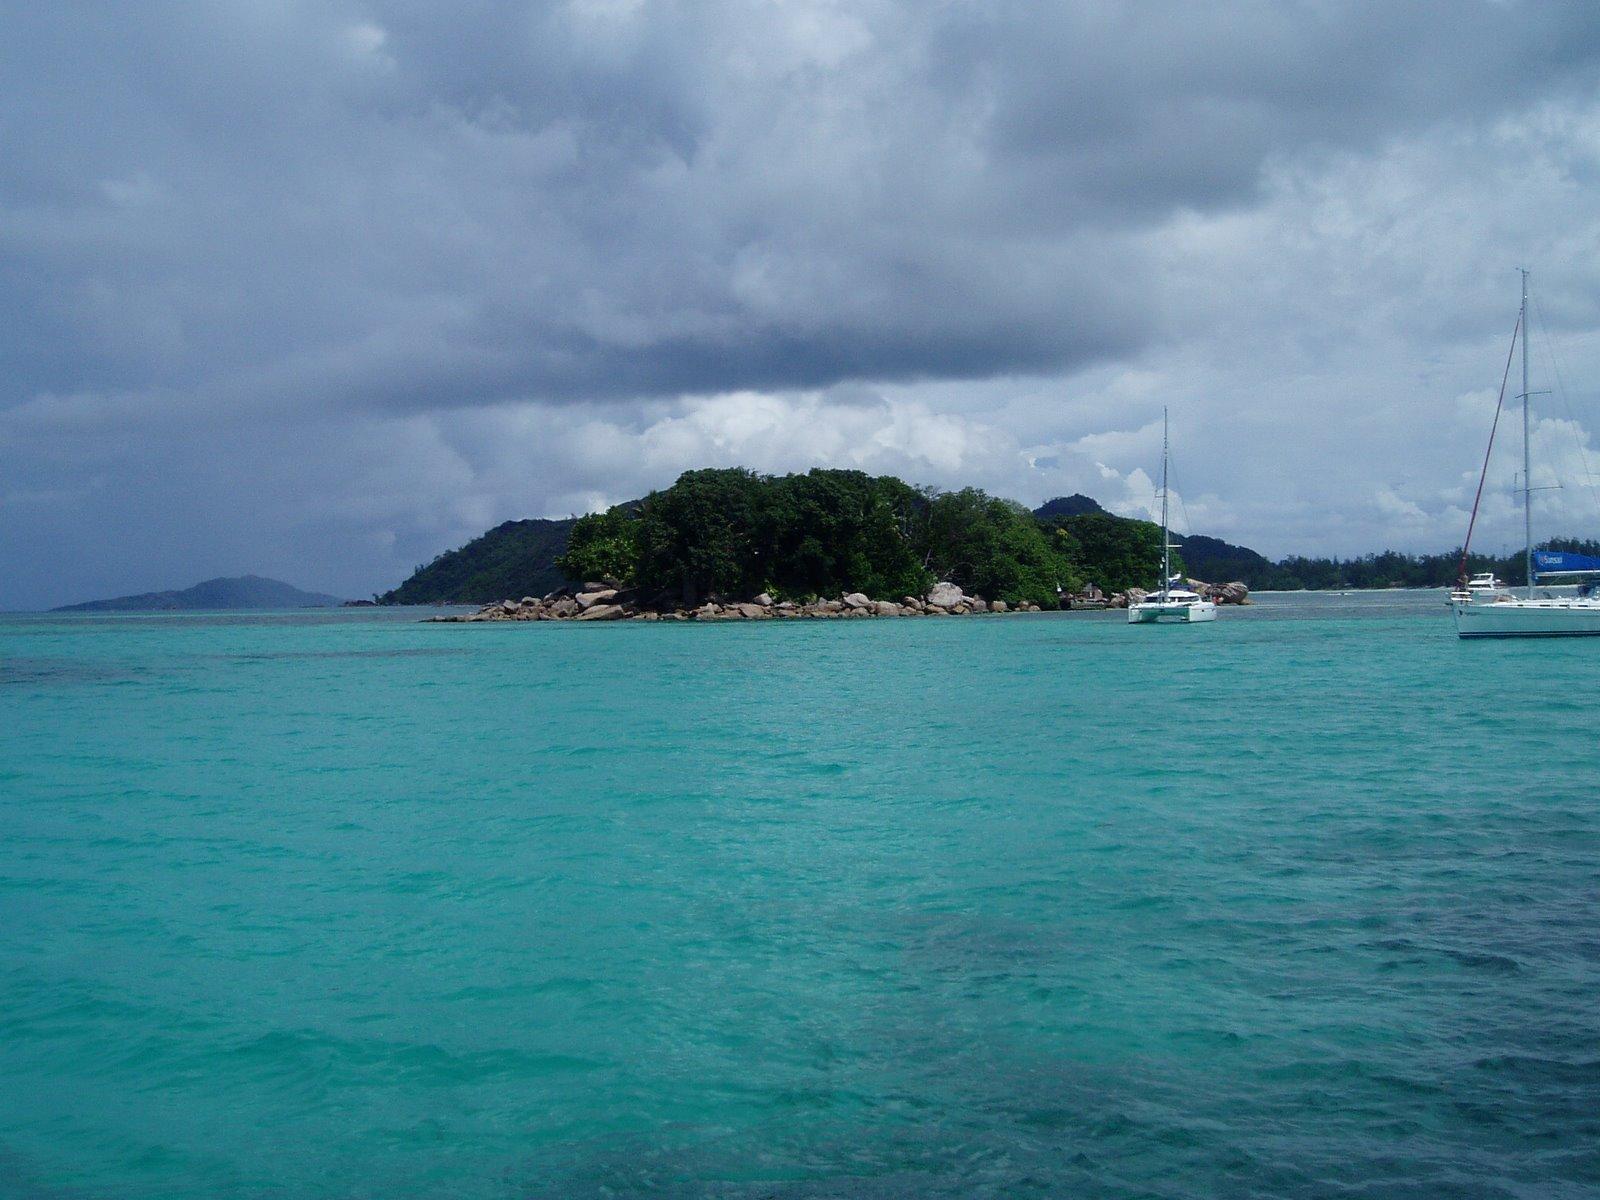 Voyage aux Seychelles, 2 bonnes raisons de voyager au cœur de l'archipel